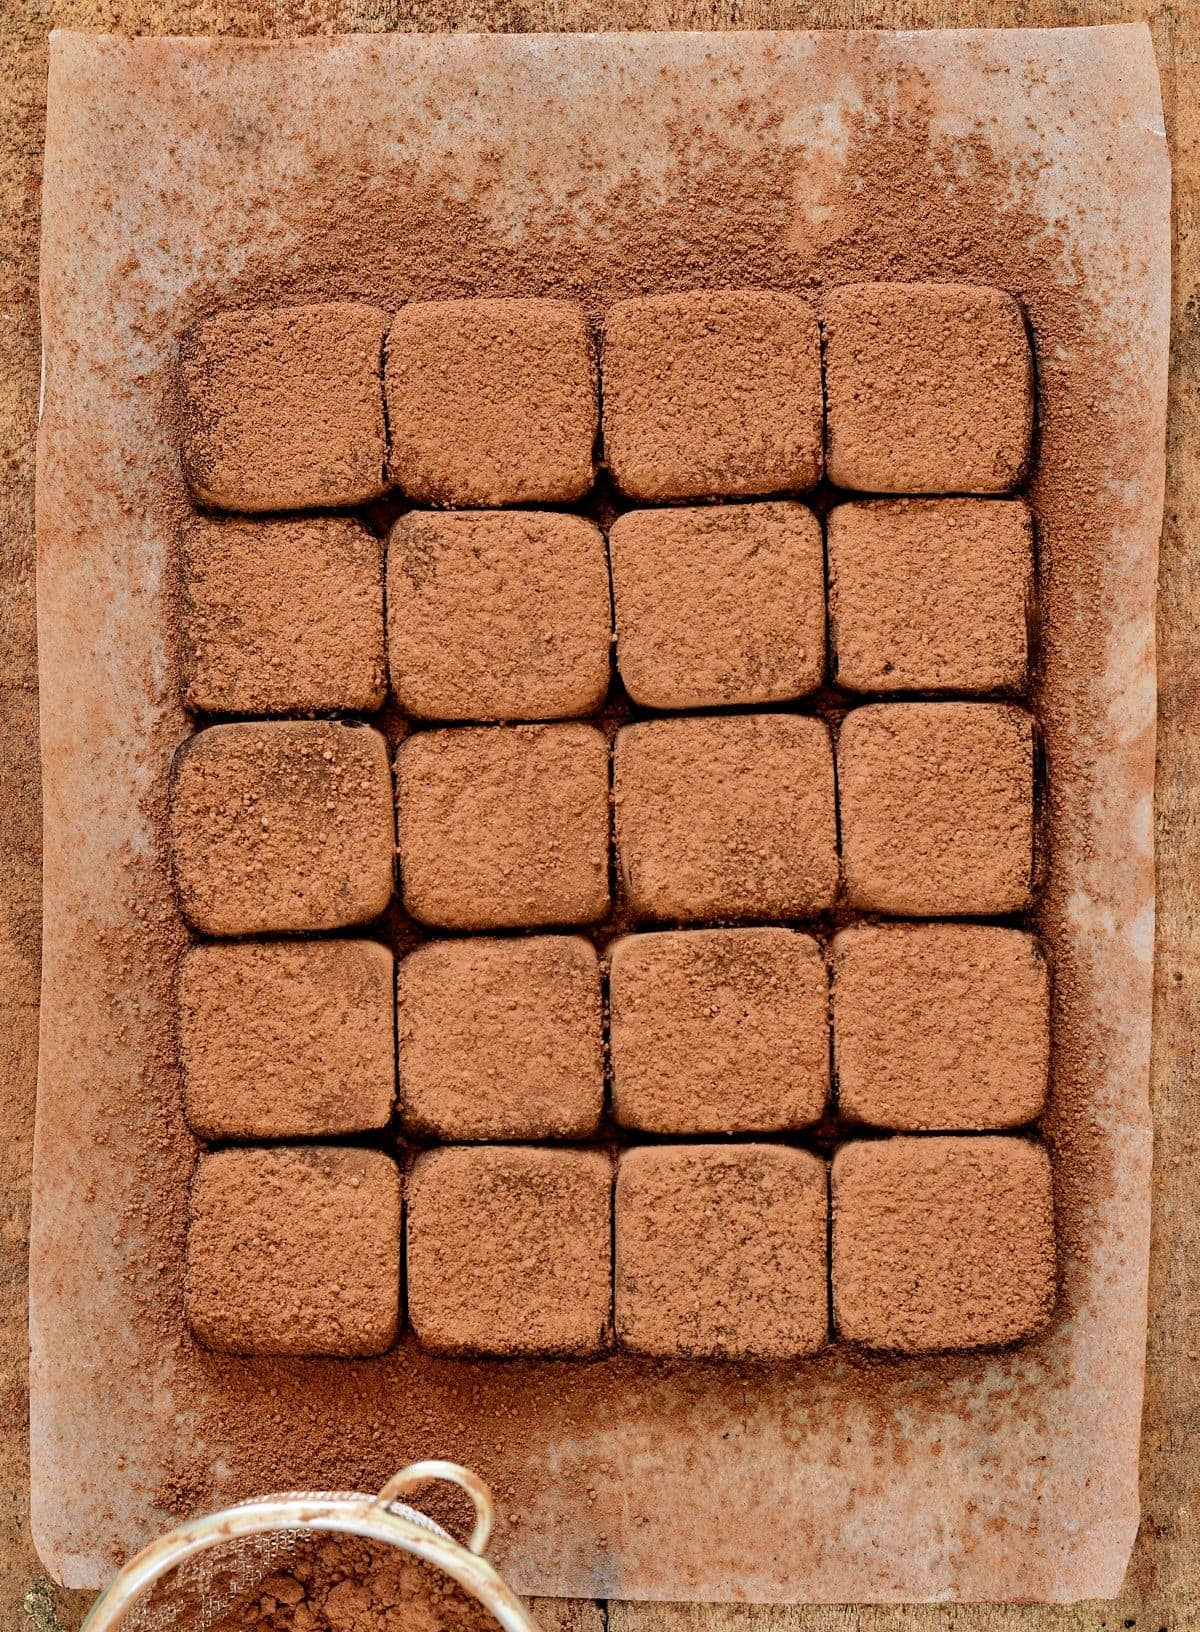 Kondensmilch-Trüffel mit Kakaopulver